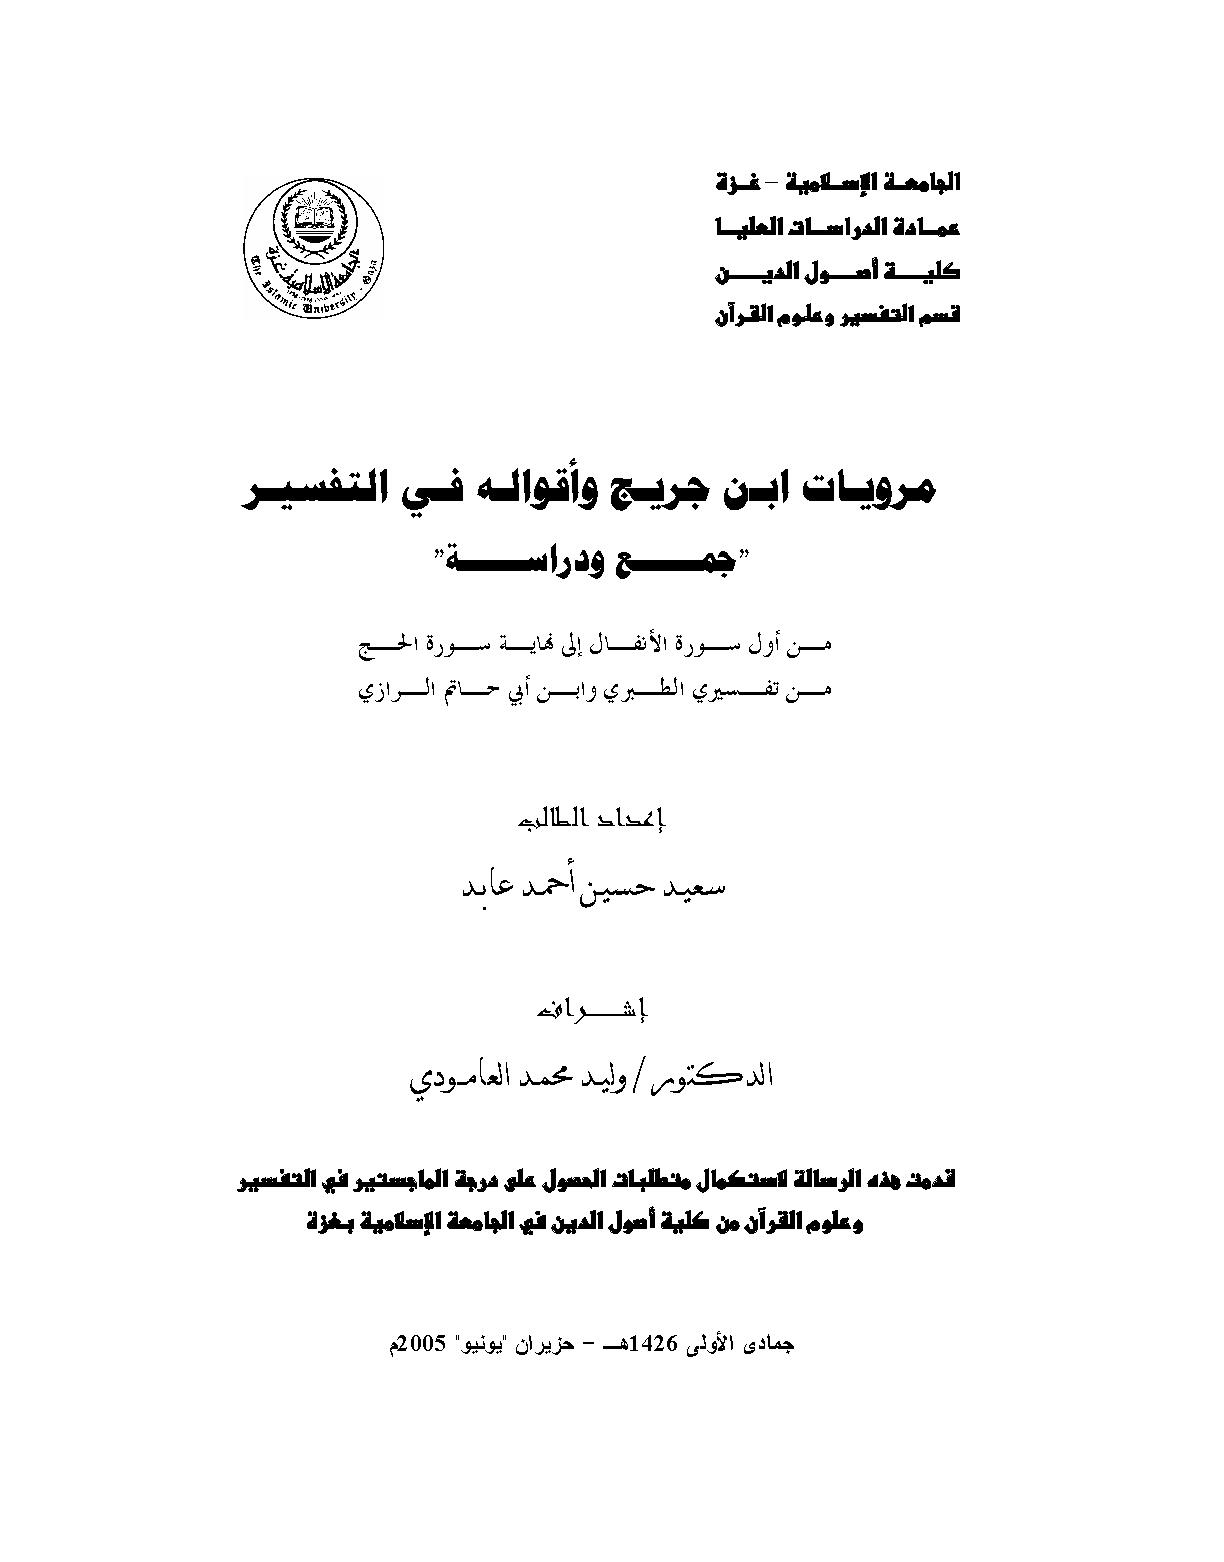 تحميل كتاب مرويات ابن جريج وأقواله في التفسير (جمع ودراسة) لـِ: سعيد حسين أحمد عابد